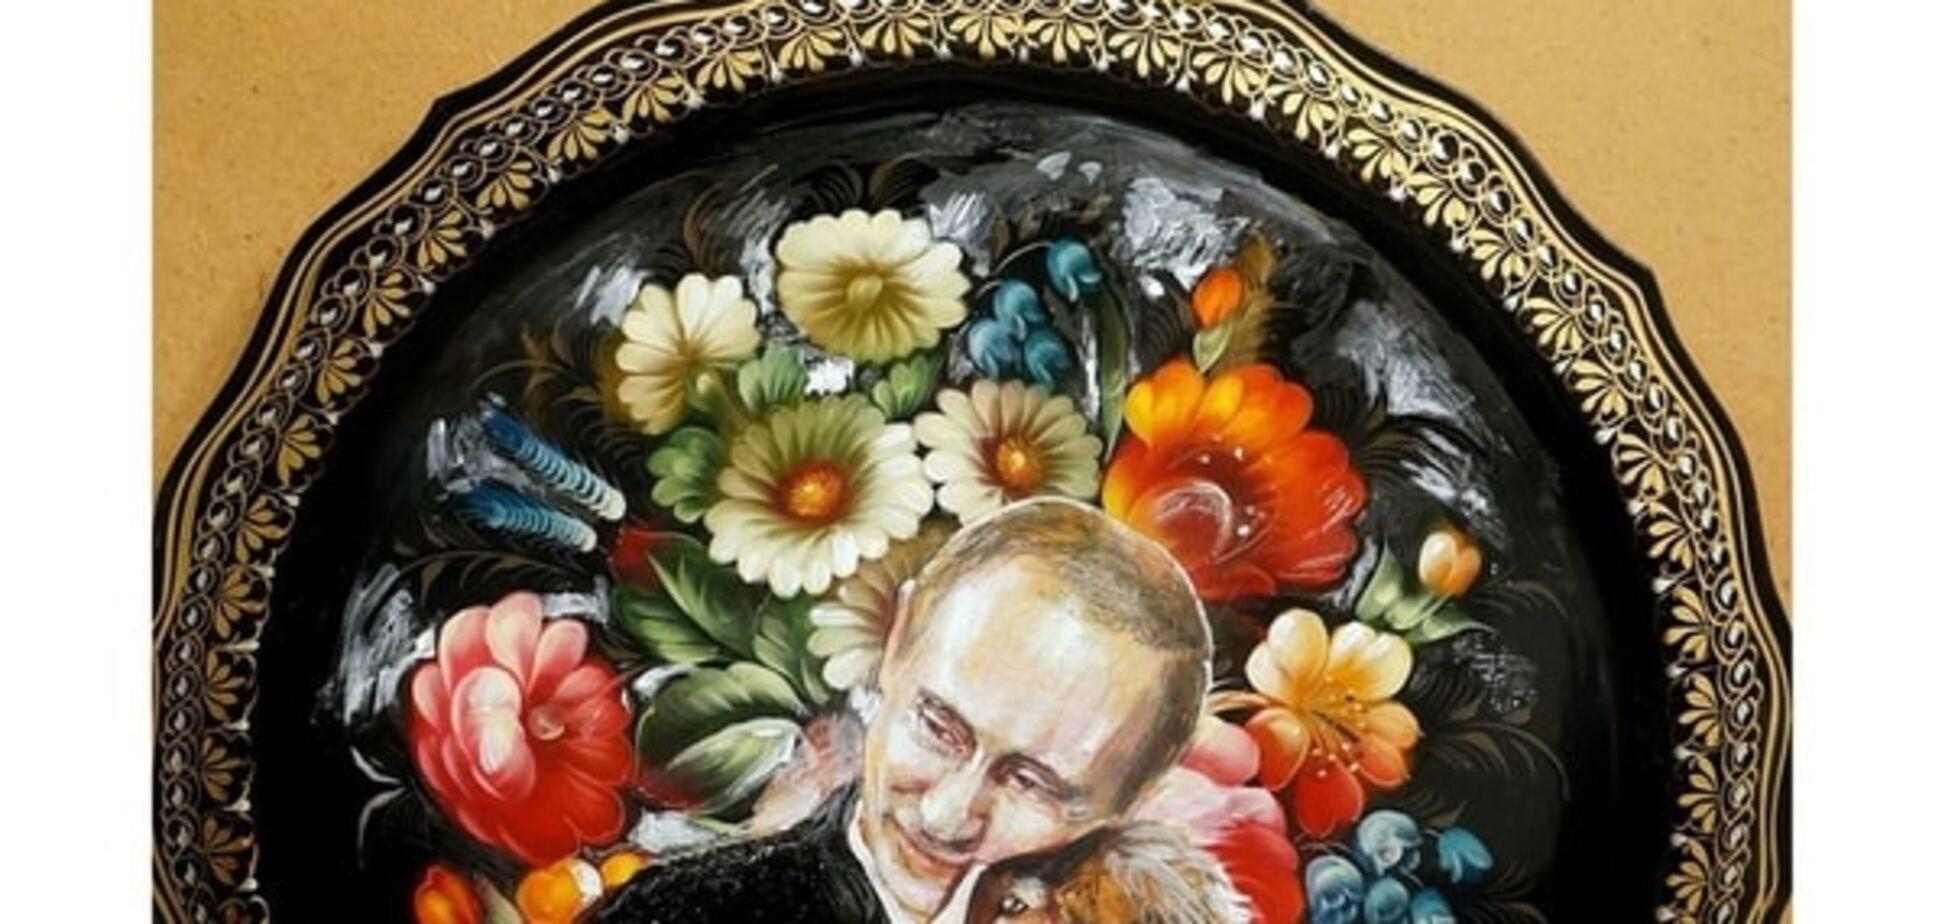 'Ласковый' Путин с щенком в цветах взорвал соцсеть